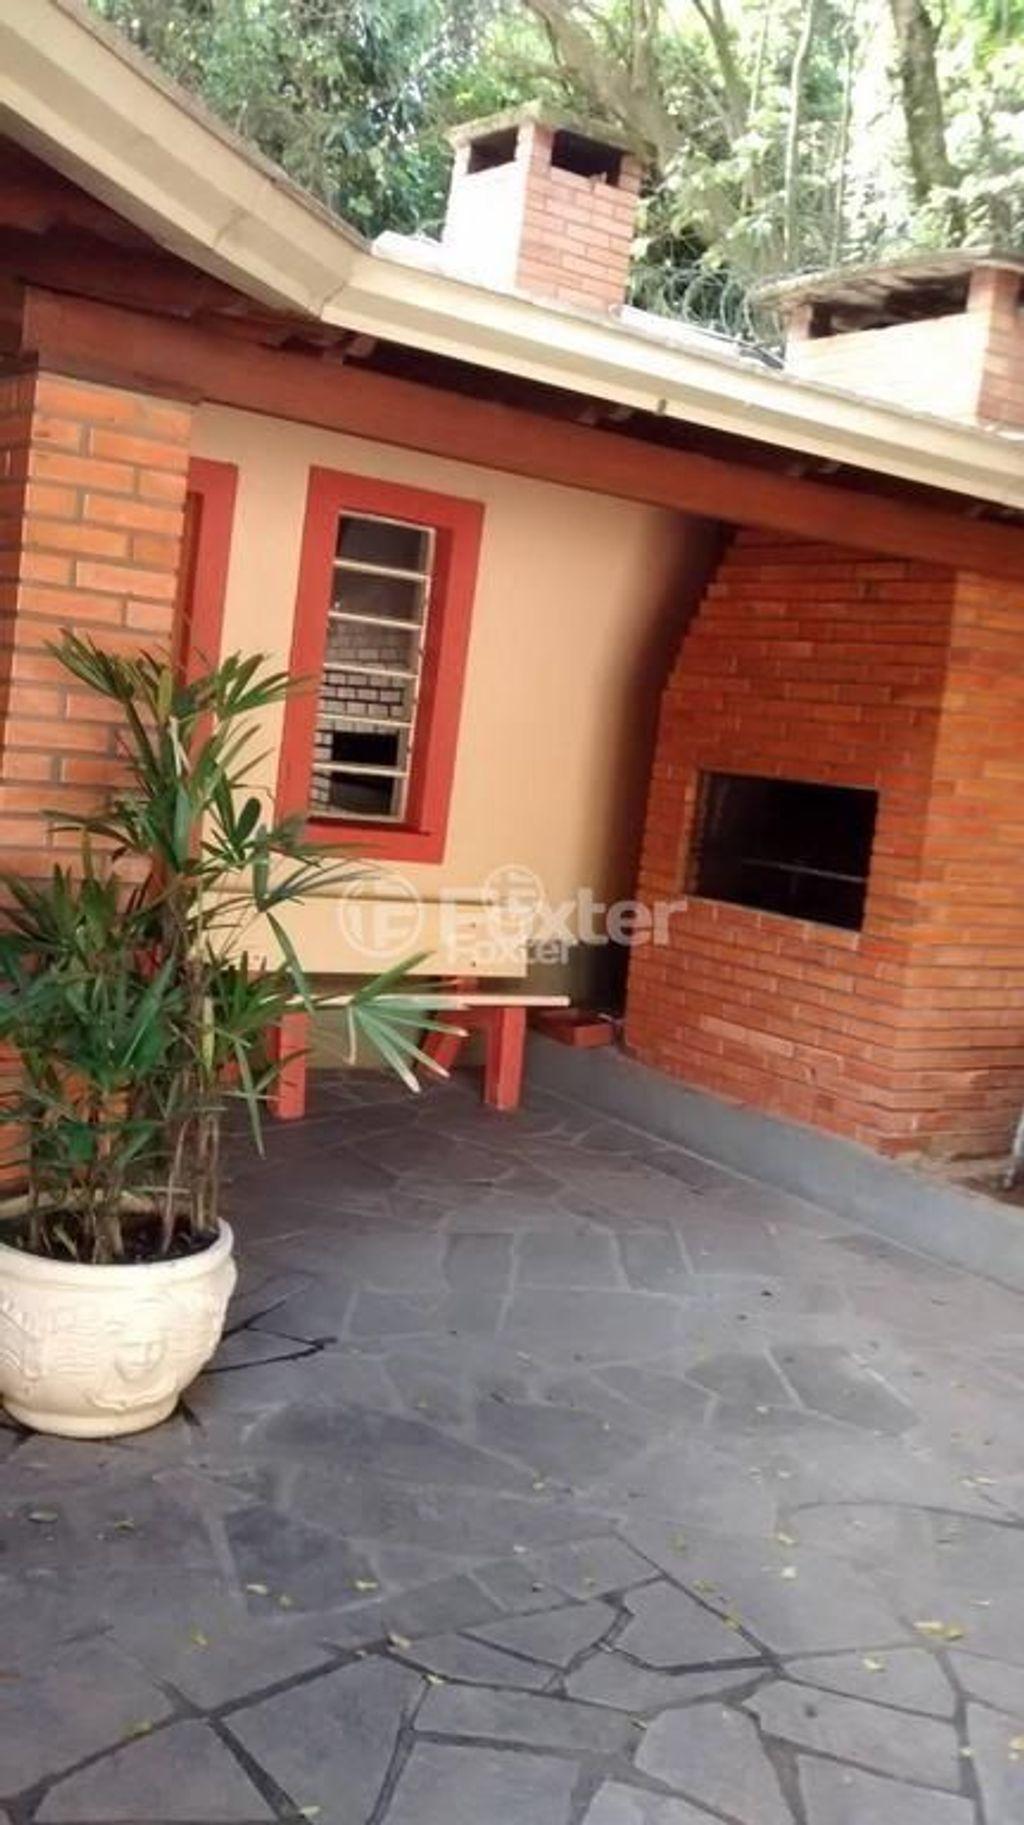 Foxter Imobiliária - Apto 2 Dorm, Teresópolis - Foto 2